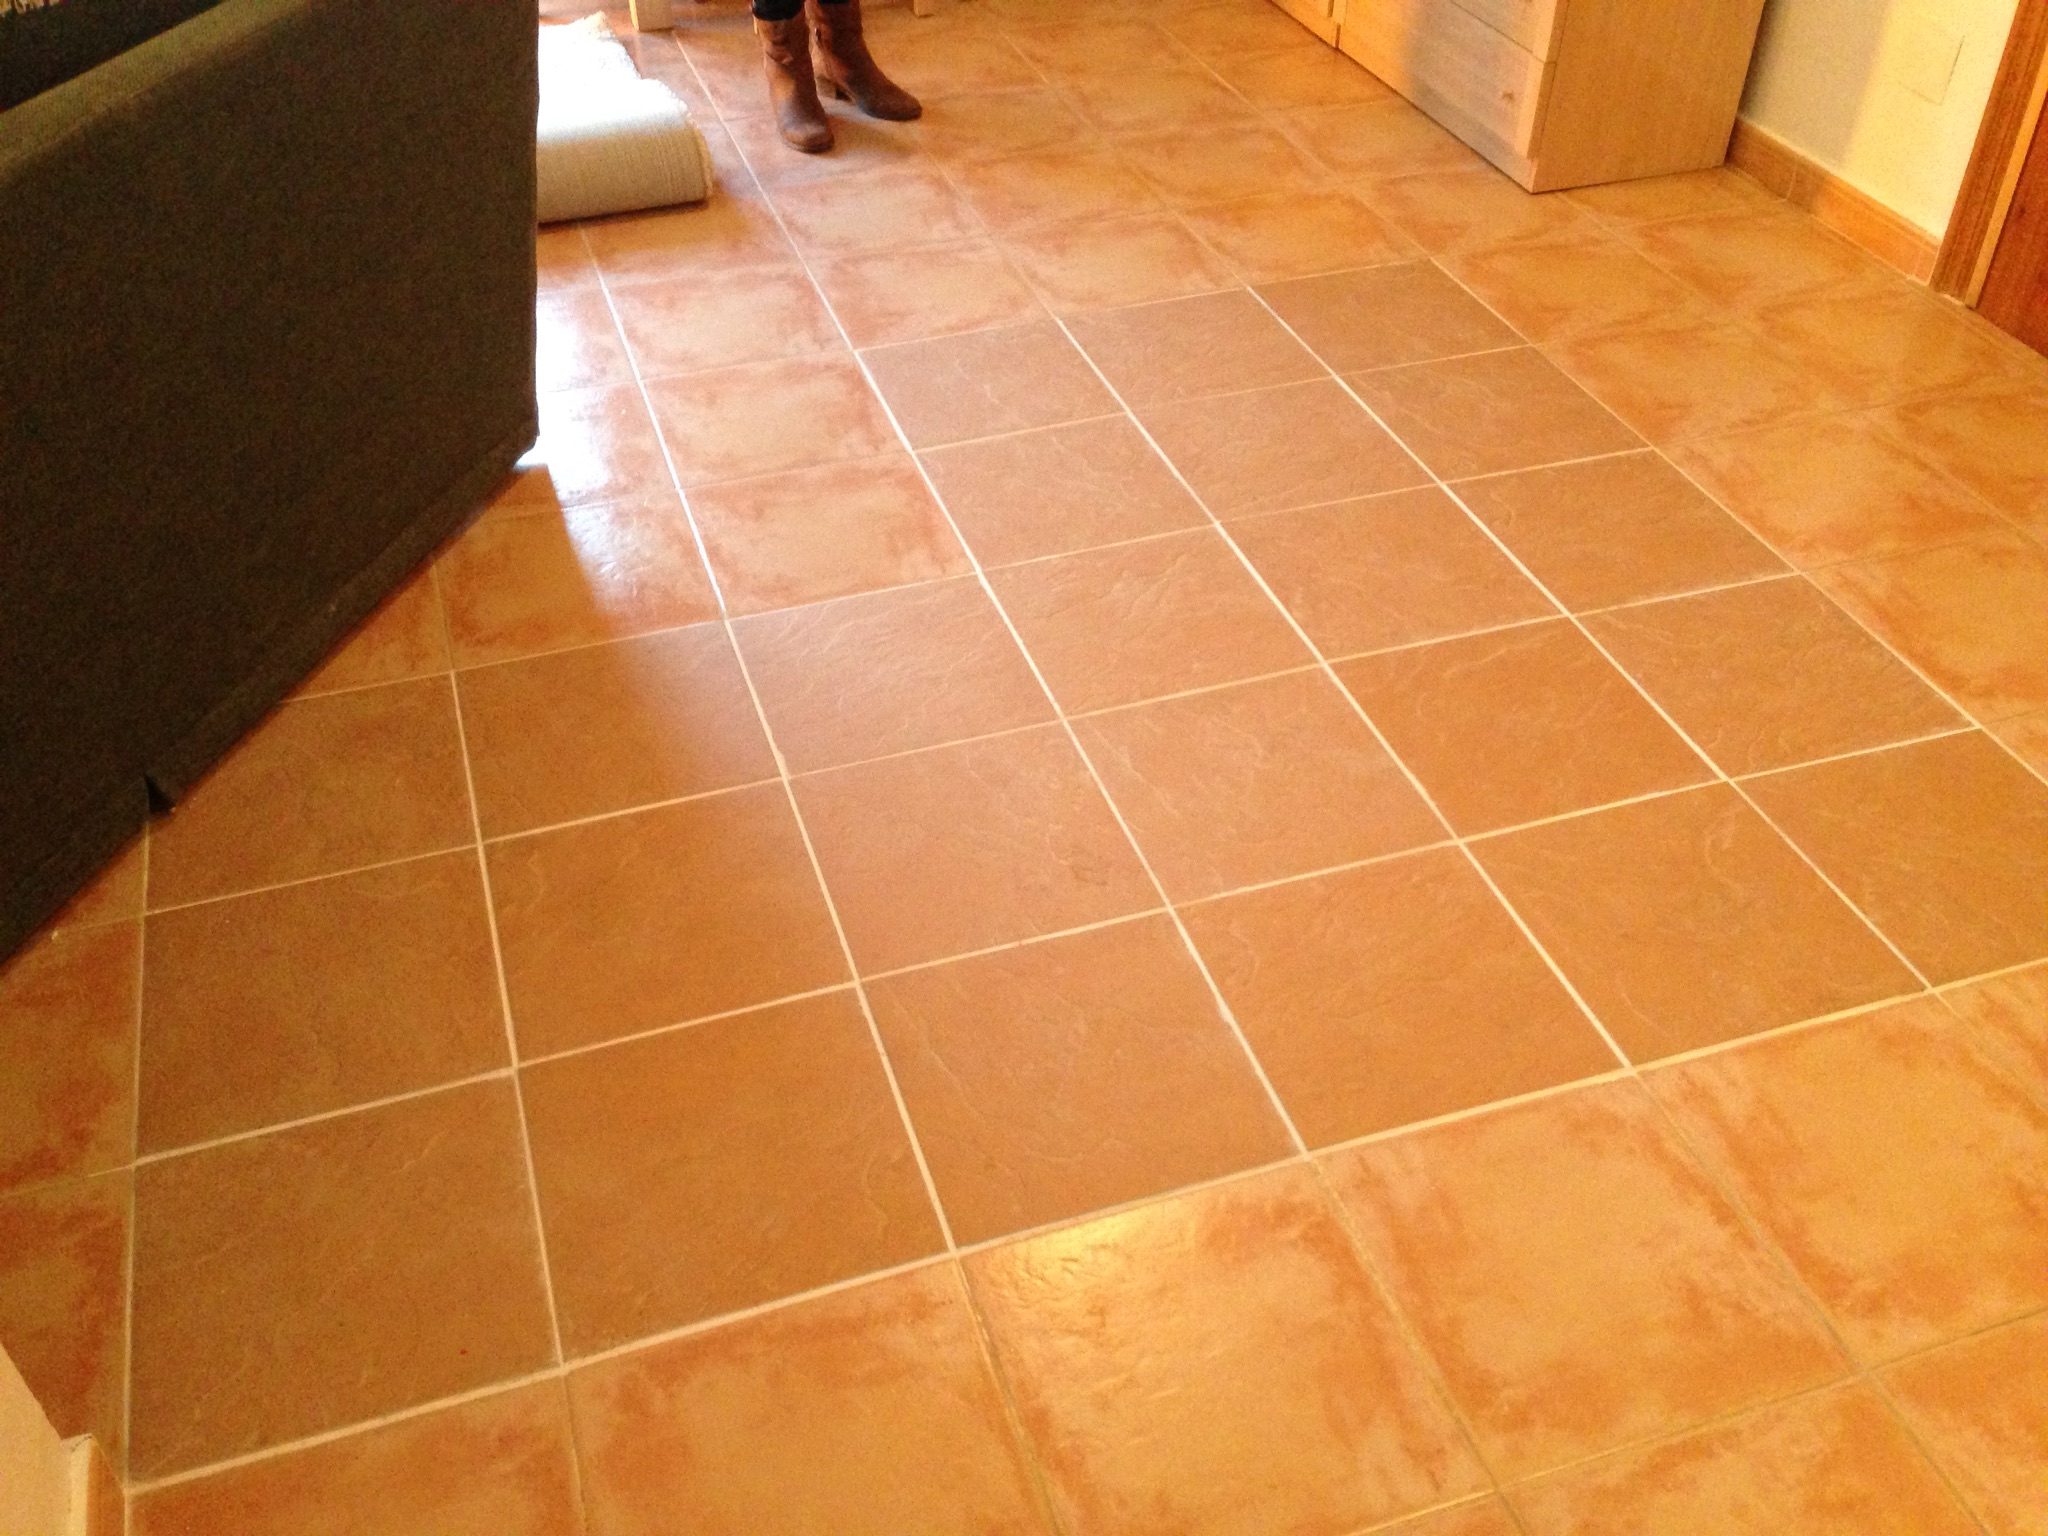 Where To Buy Floor Tiles - Rebellions